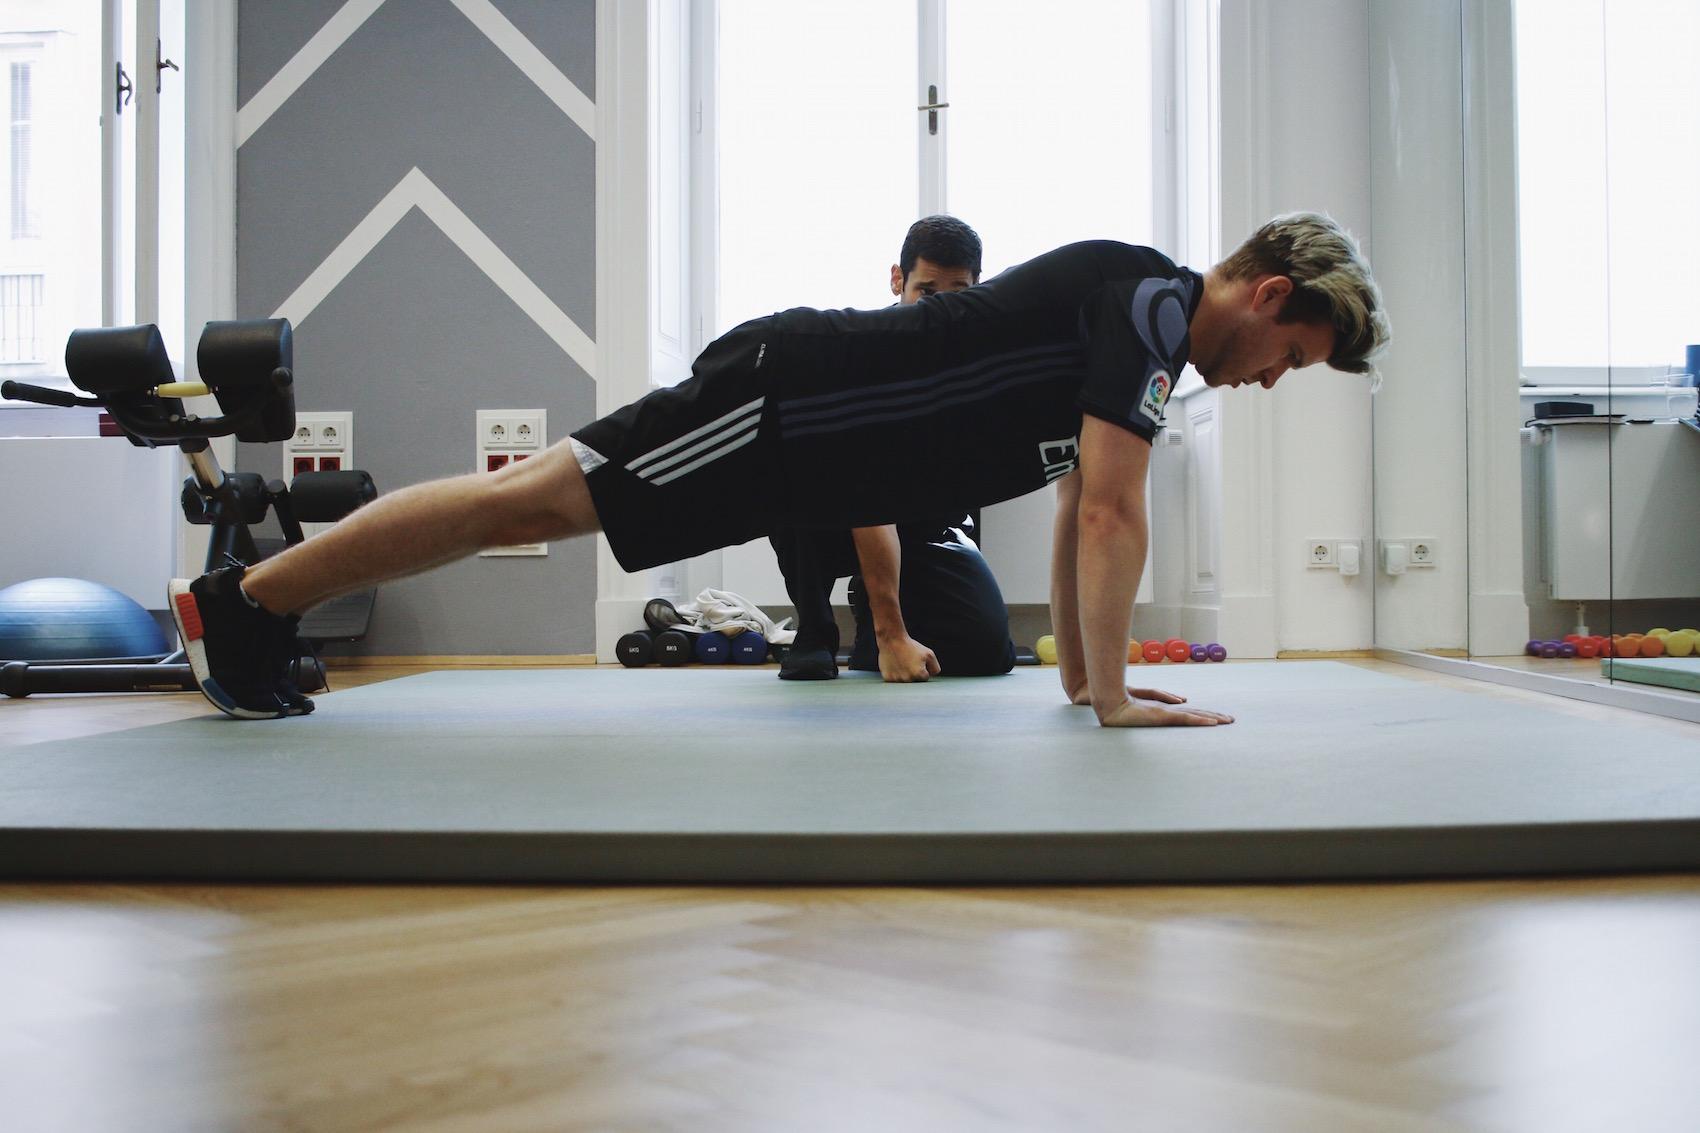 Brusttraining mit eigenem Körpergewicht_Liegestützen und Dips richtig machen_Meanwhile in Awesometown_Wiener Männermode und Lifestyle Blogger2